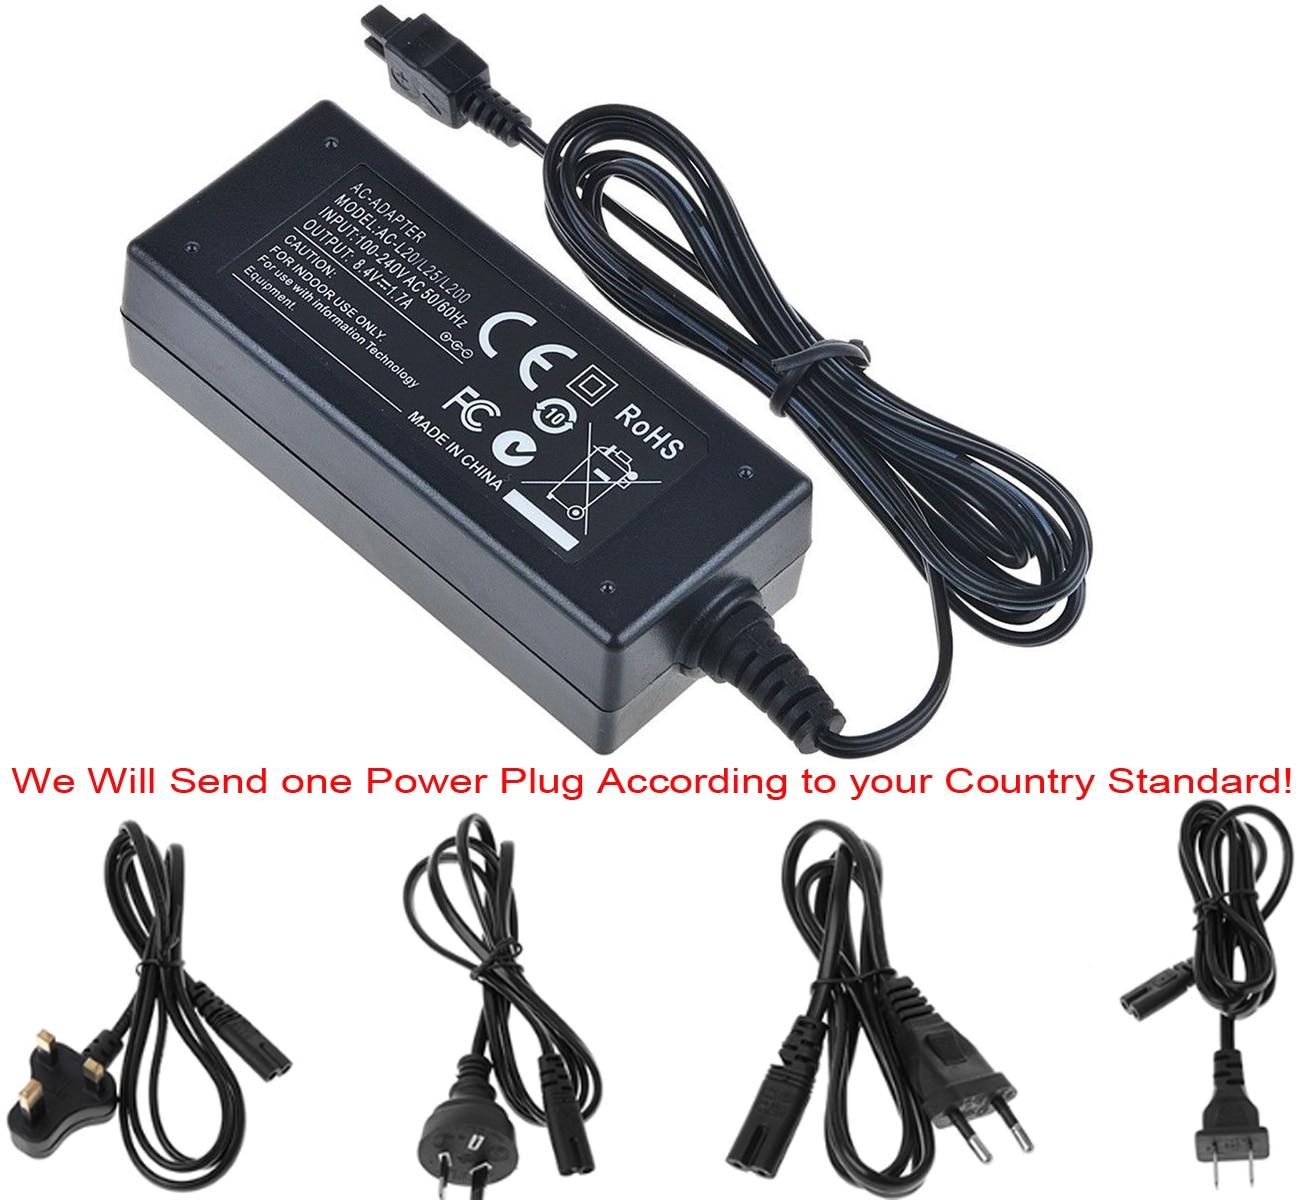 Videocámara batería-cargador estación de carga para Sony handycam dcr-dvd404e